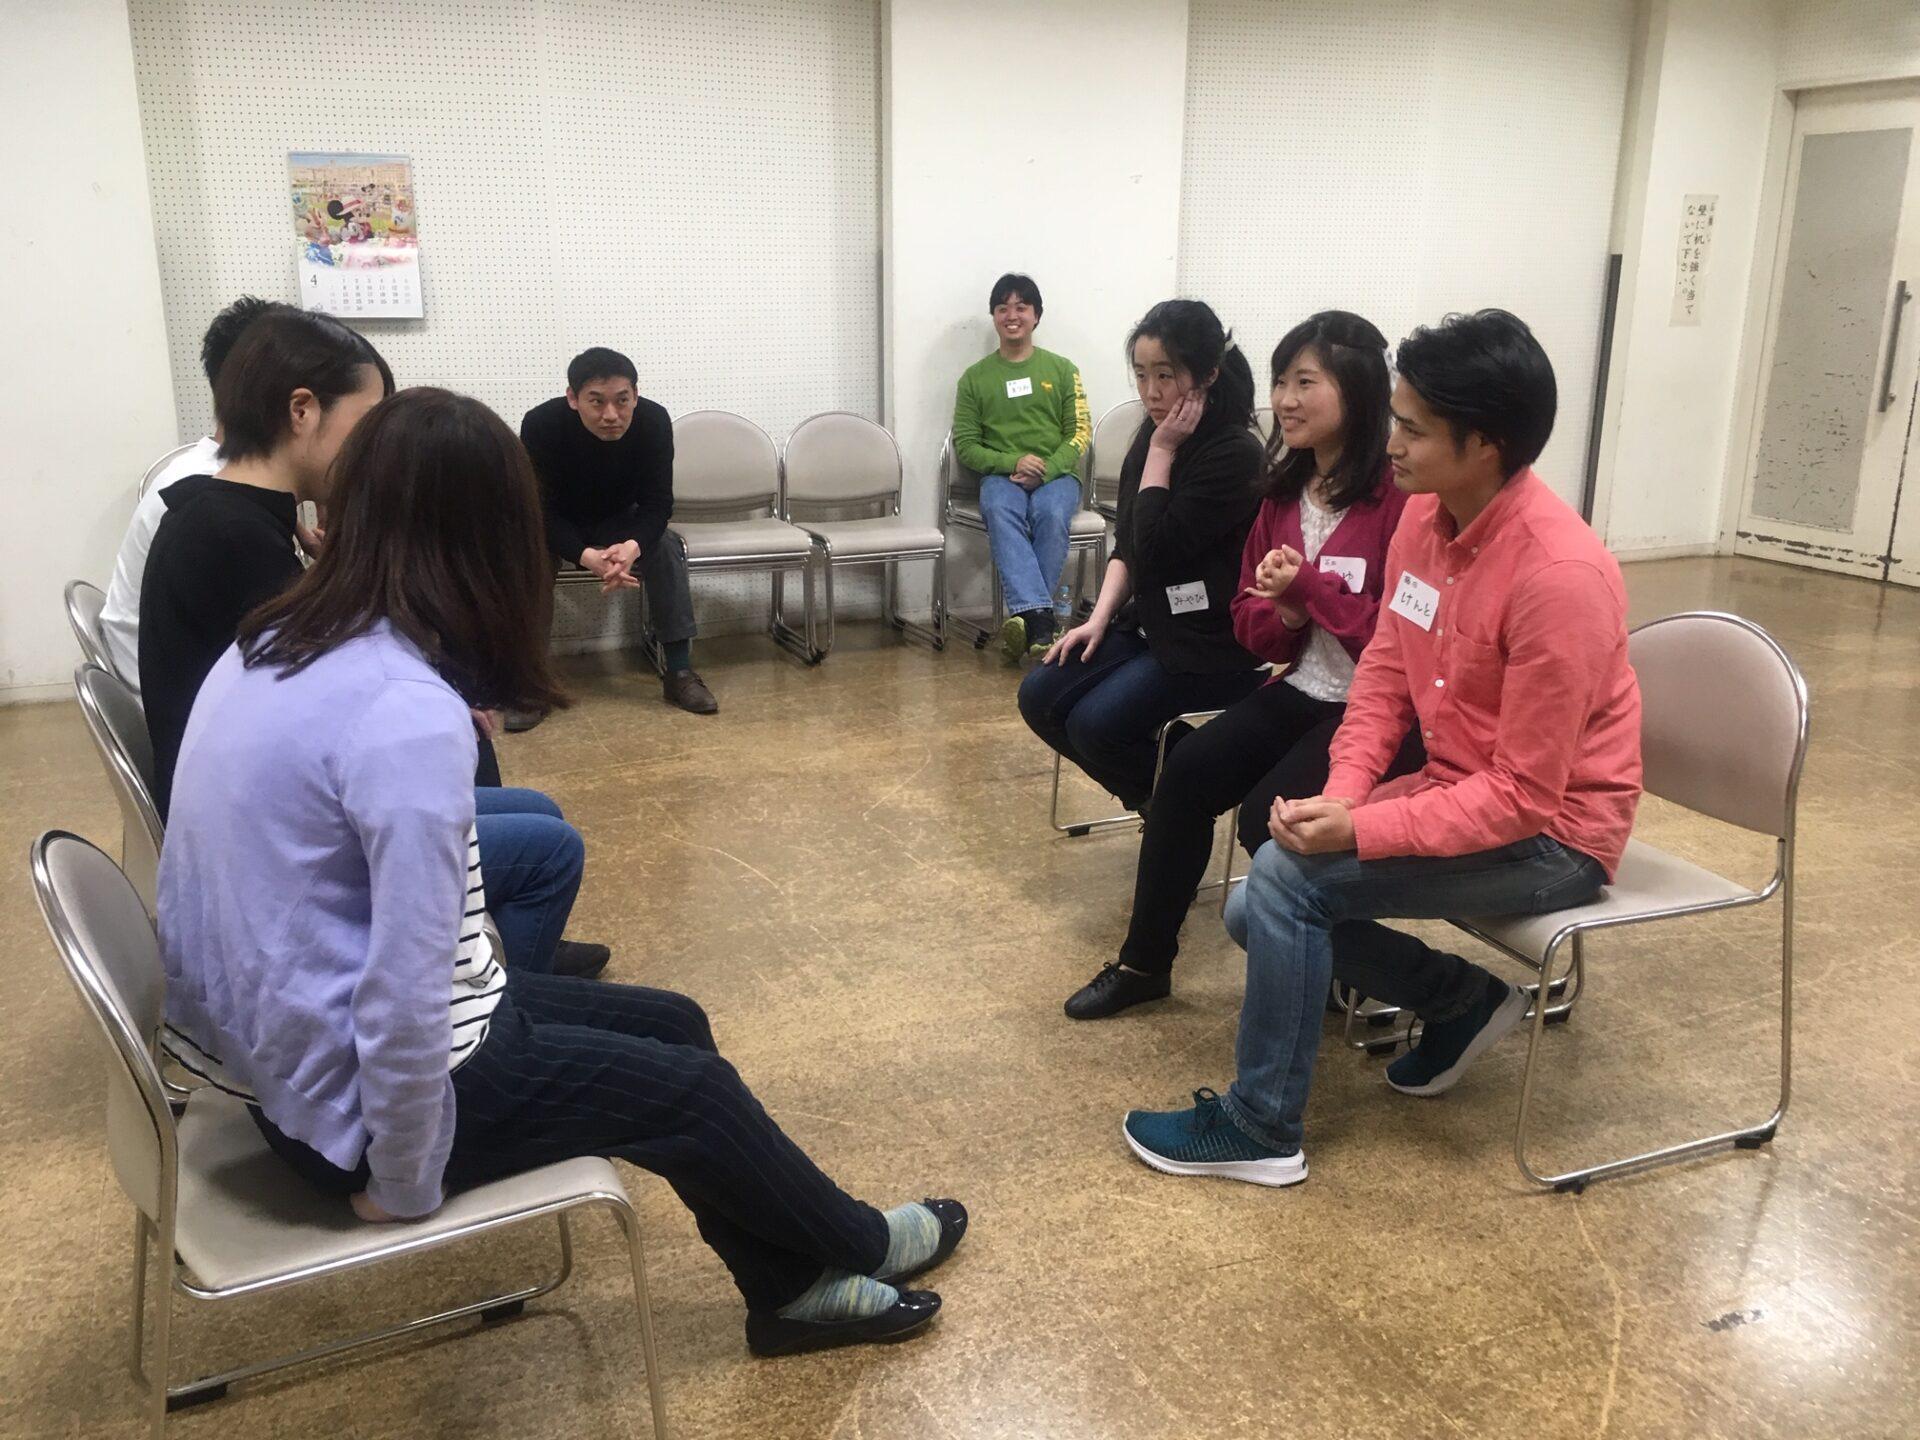 【ミュージカル合同練習会】4月13日練習会レポート!